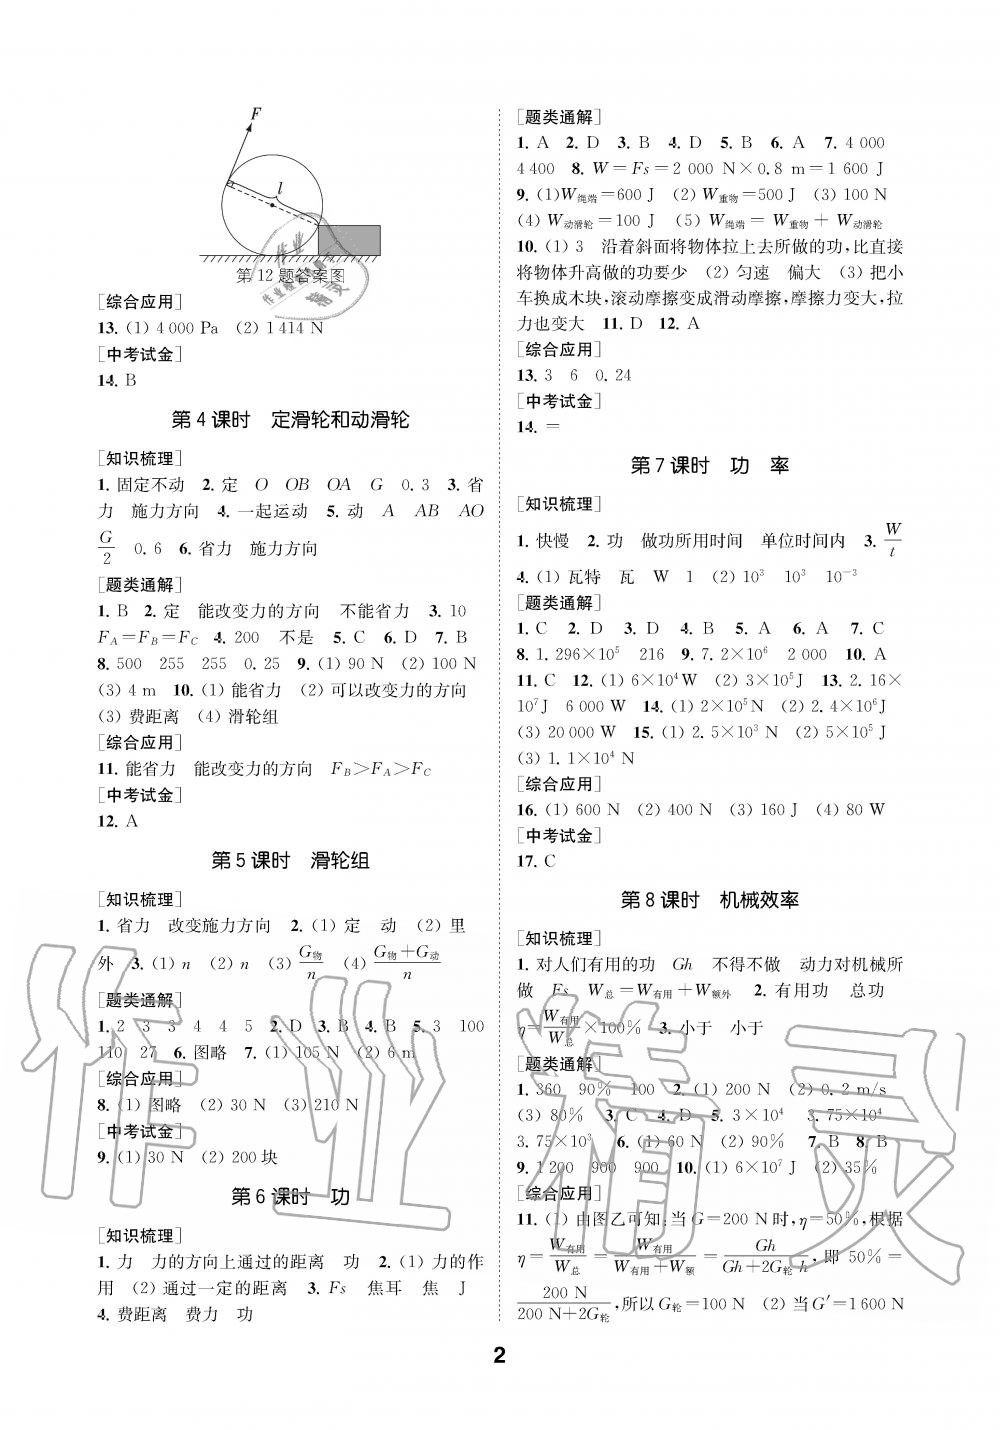 2019年创新优化学案九年级物理上册江苏版第2页